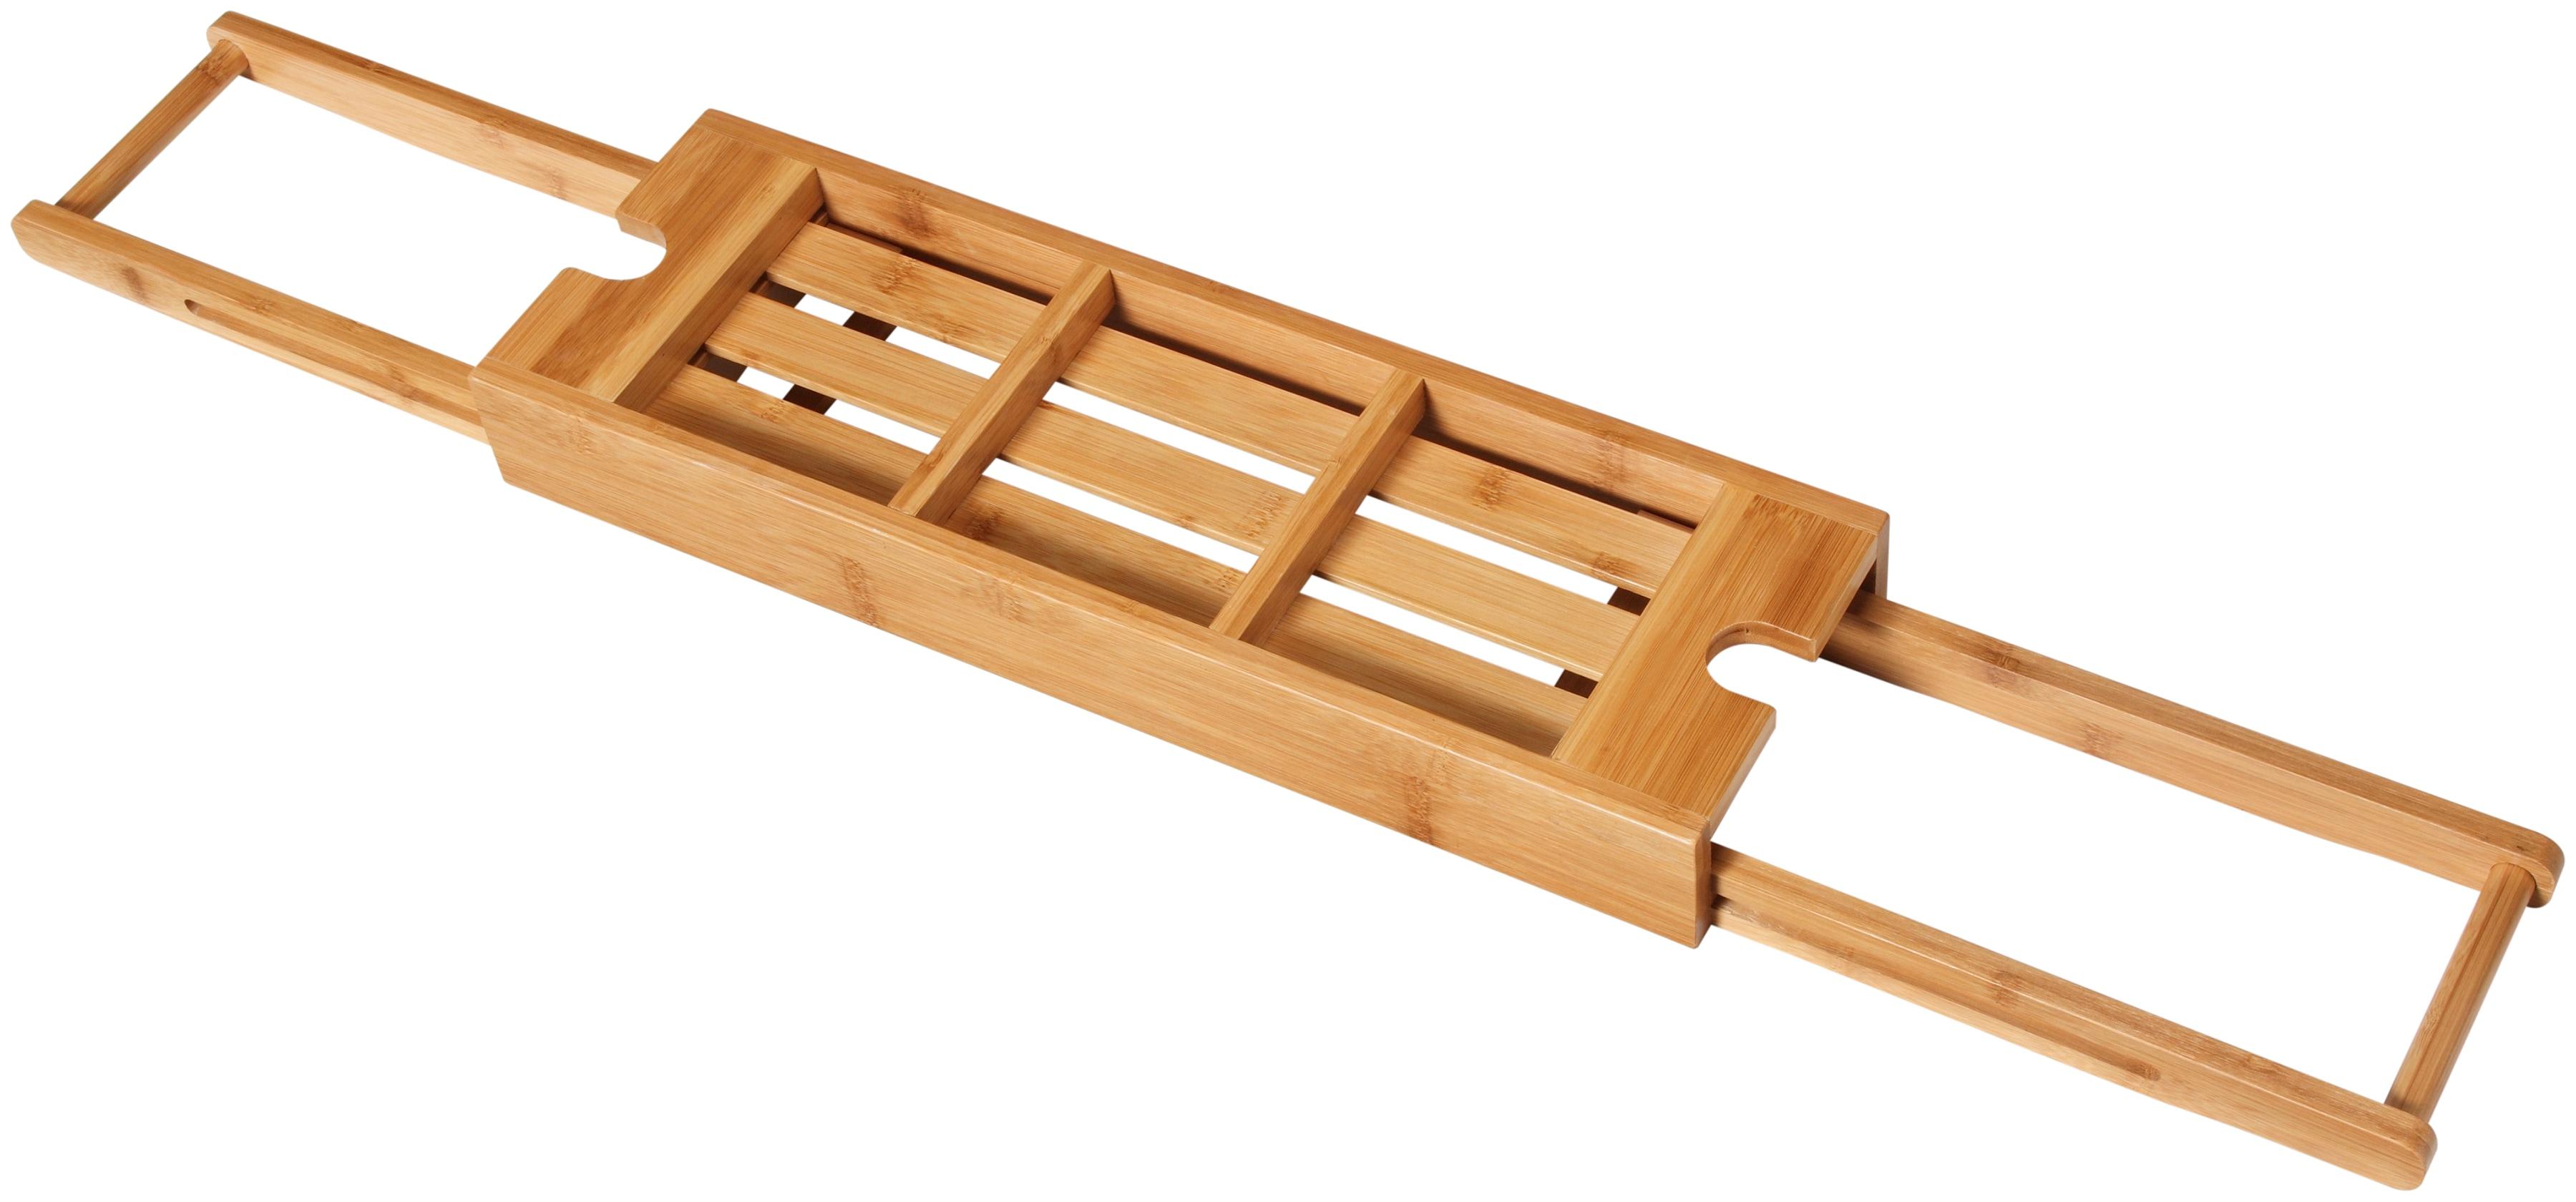 Image of Produktdetails Besonderheiten: Feuchtigkeitsbeständig Farbe: braun Material Material: Bambus Massangaben Tiefe: 16 cm Breite: 68 cm Höhe: 6 cm